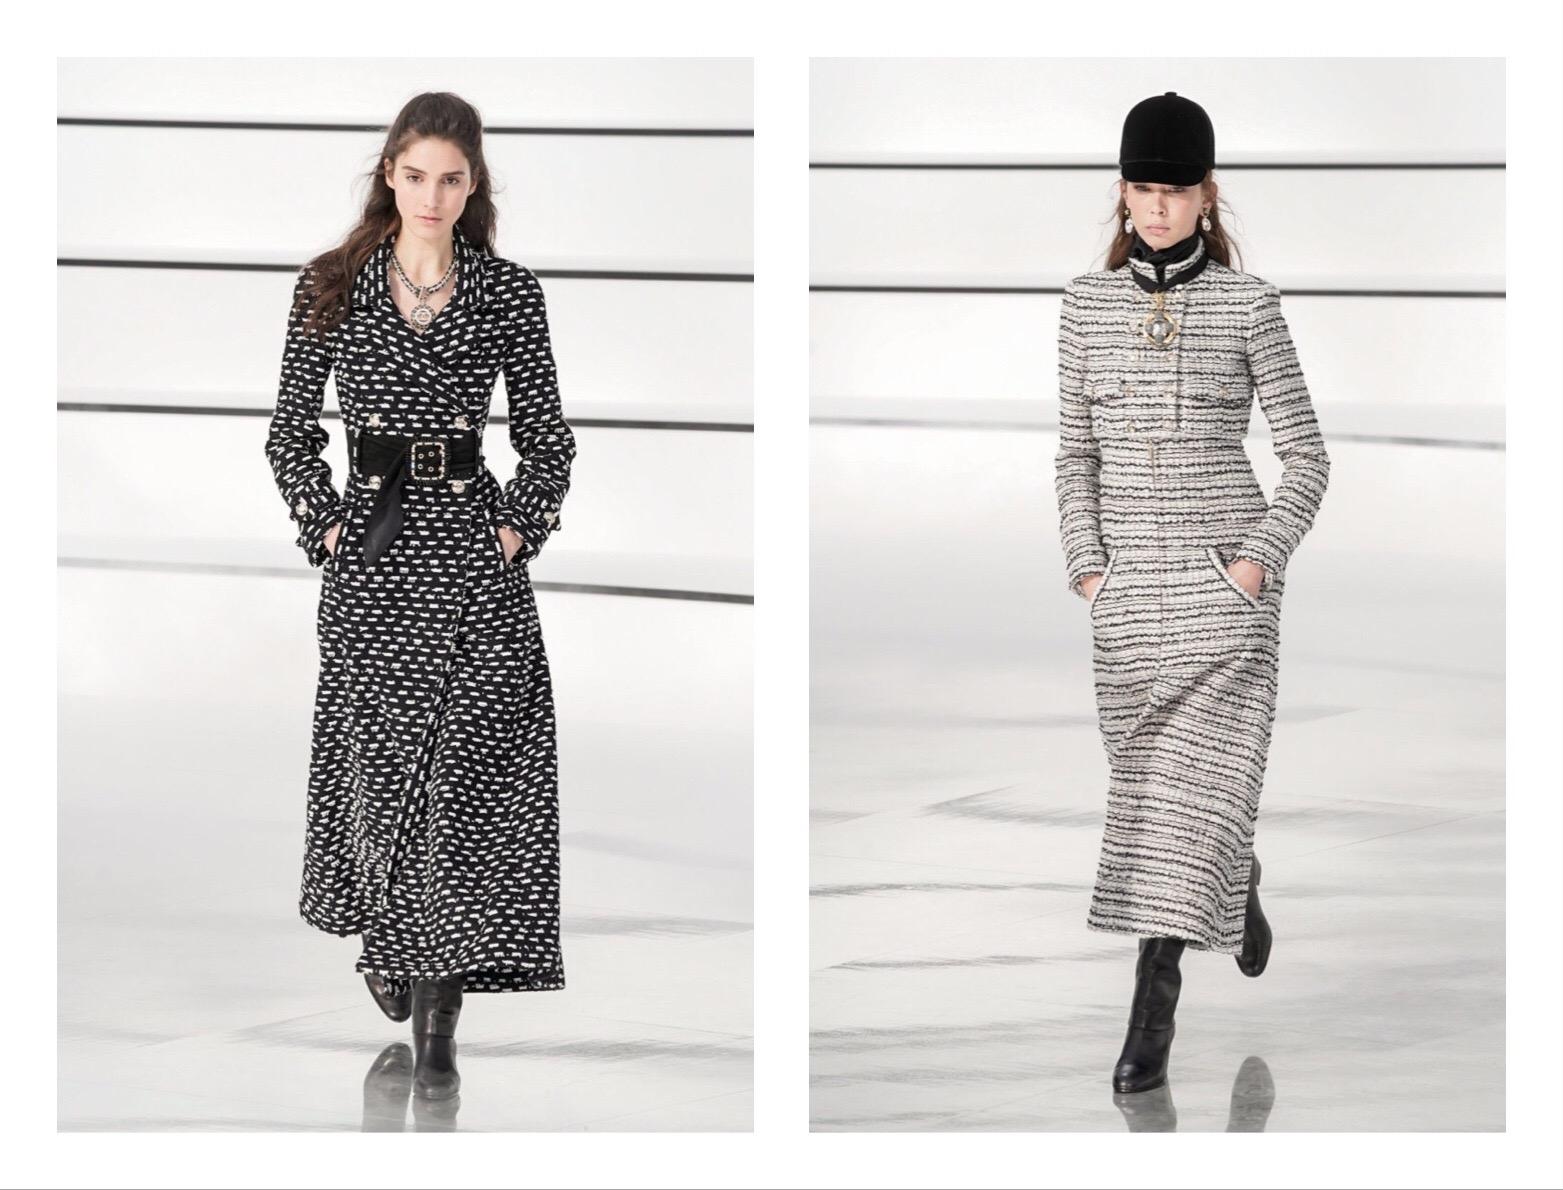 Парижский шик в лучших традициях Chanel: обзор коллекции (ФОТО) - фото №2